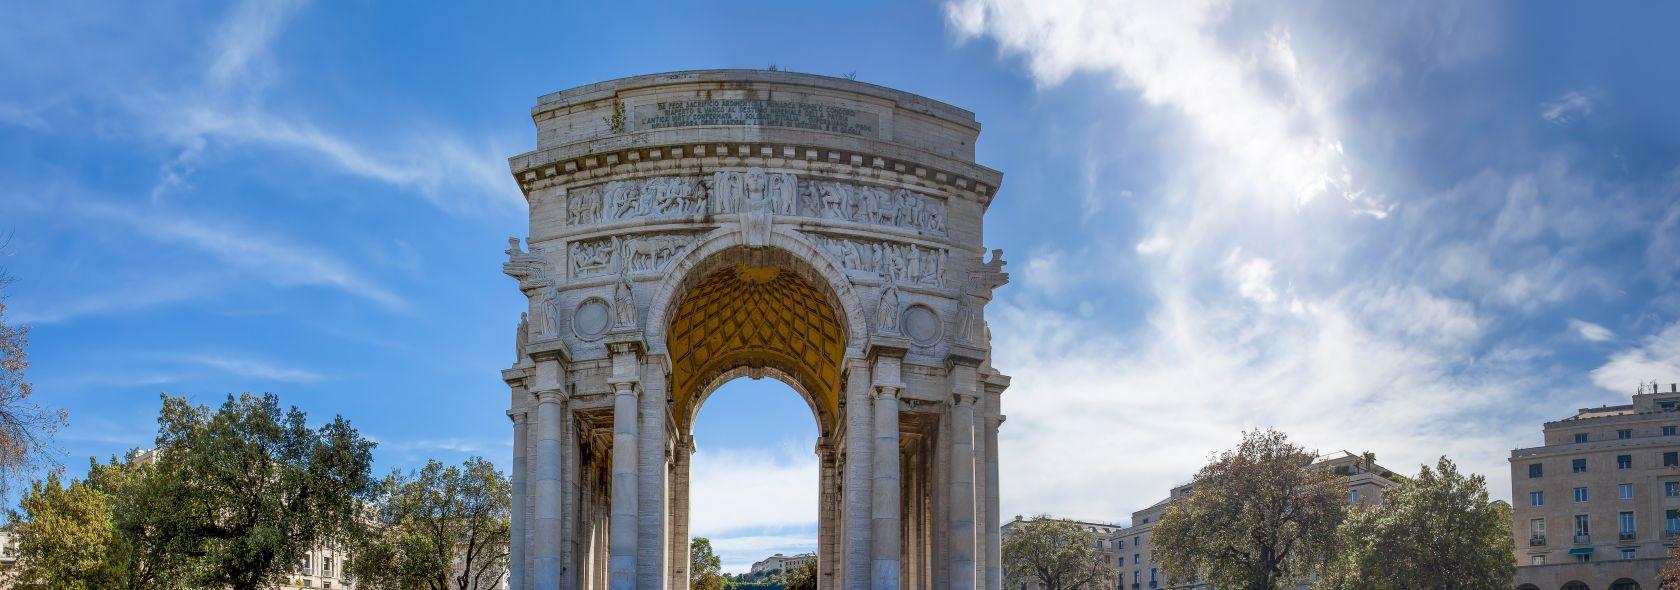 Piazza della Vittoria - Monumento ai Caduti